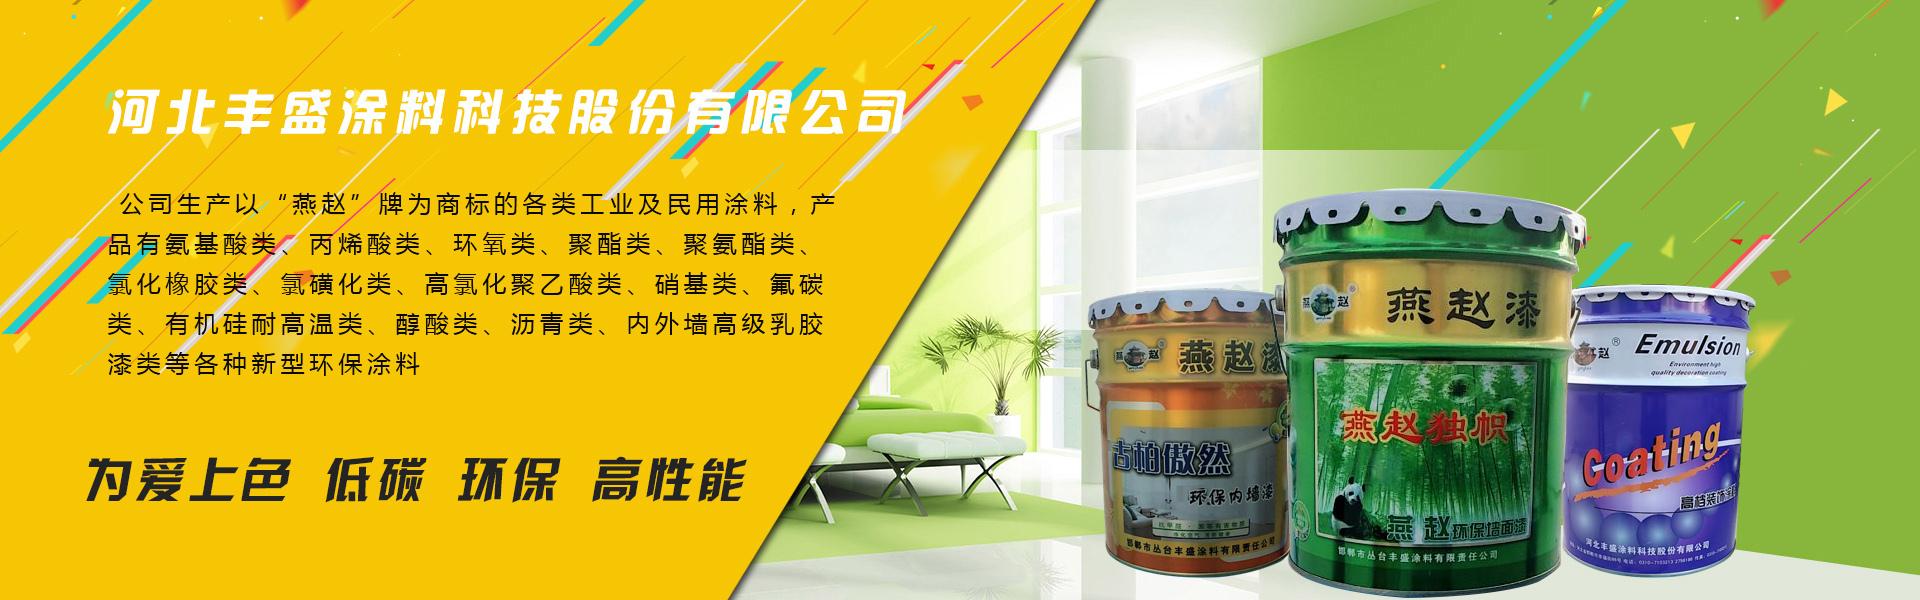 邯郸yabo88官网